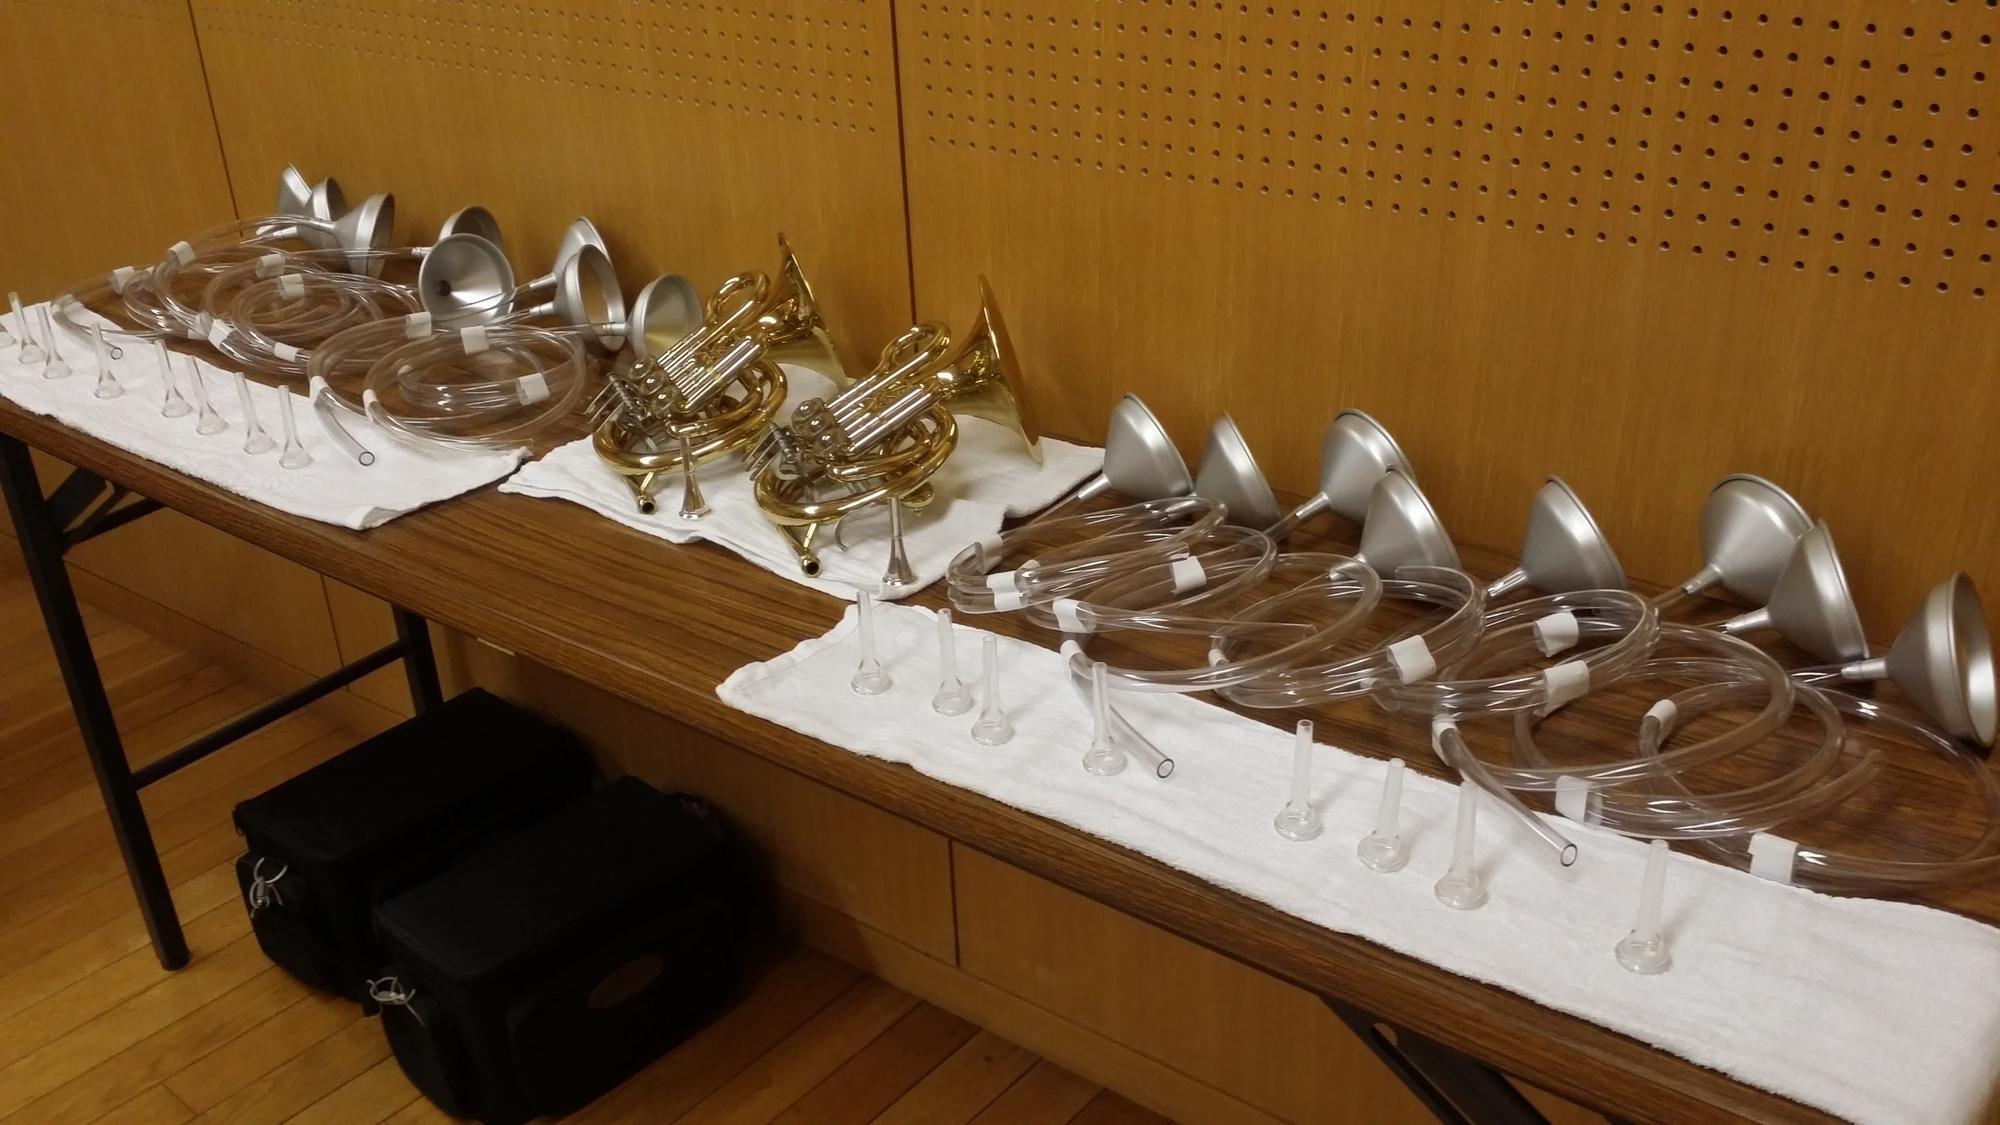 ワークショップ「キミも管楽器マスター」準備の様子